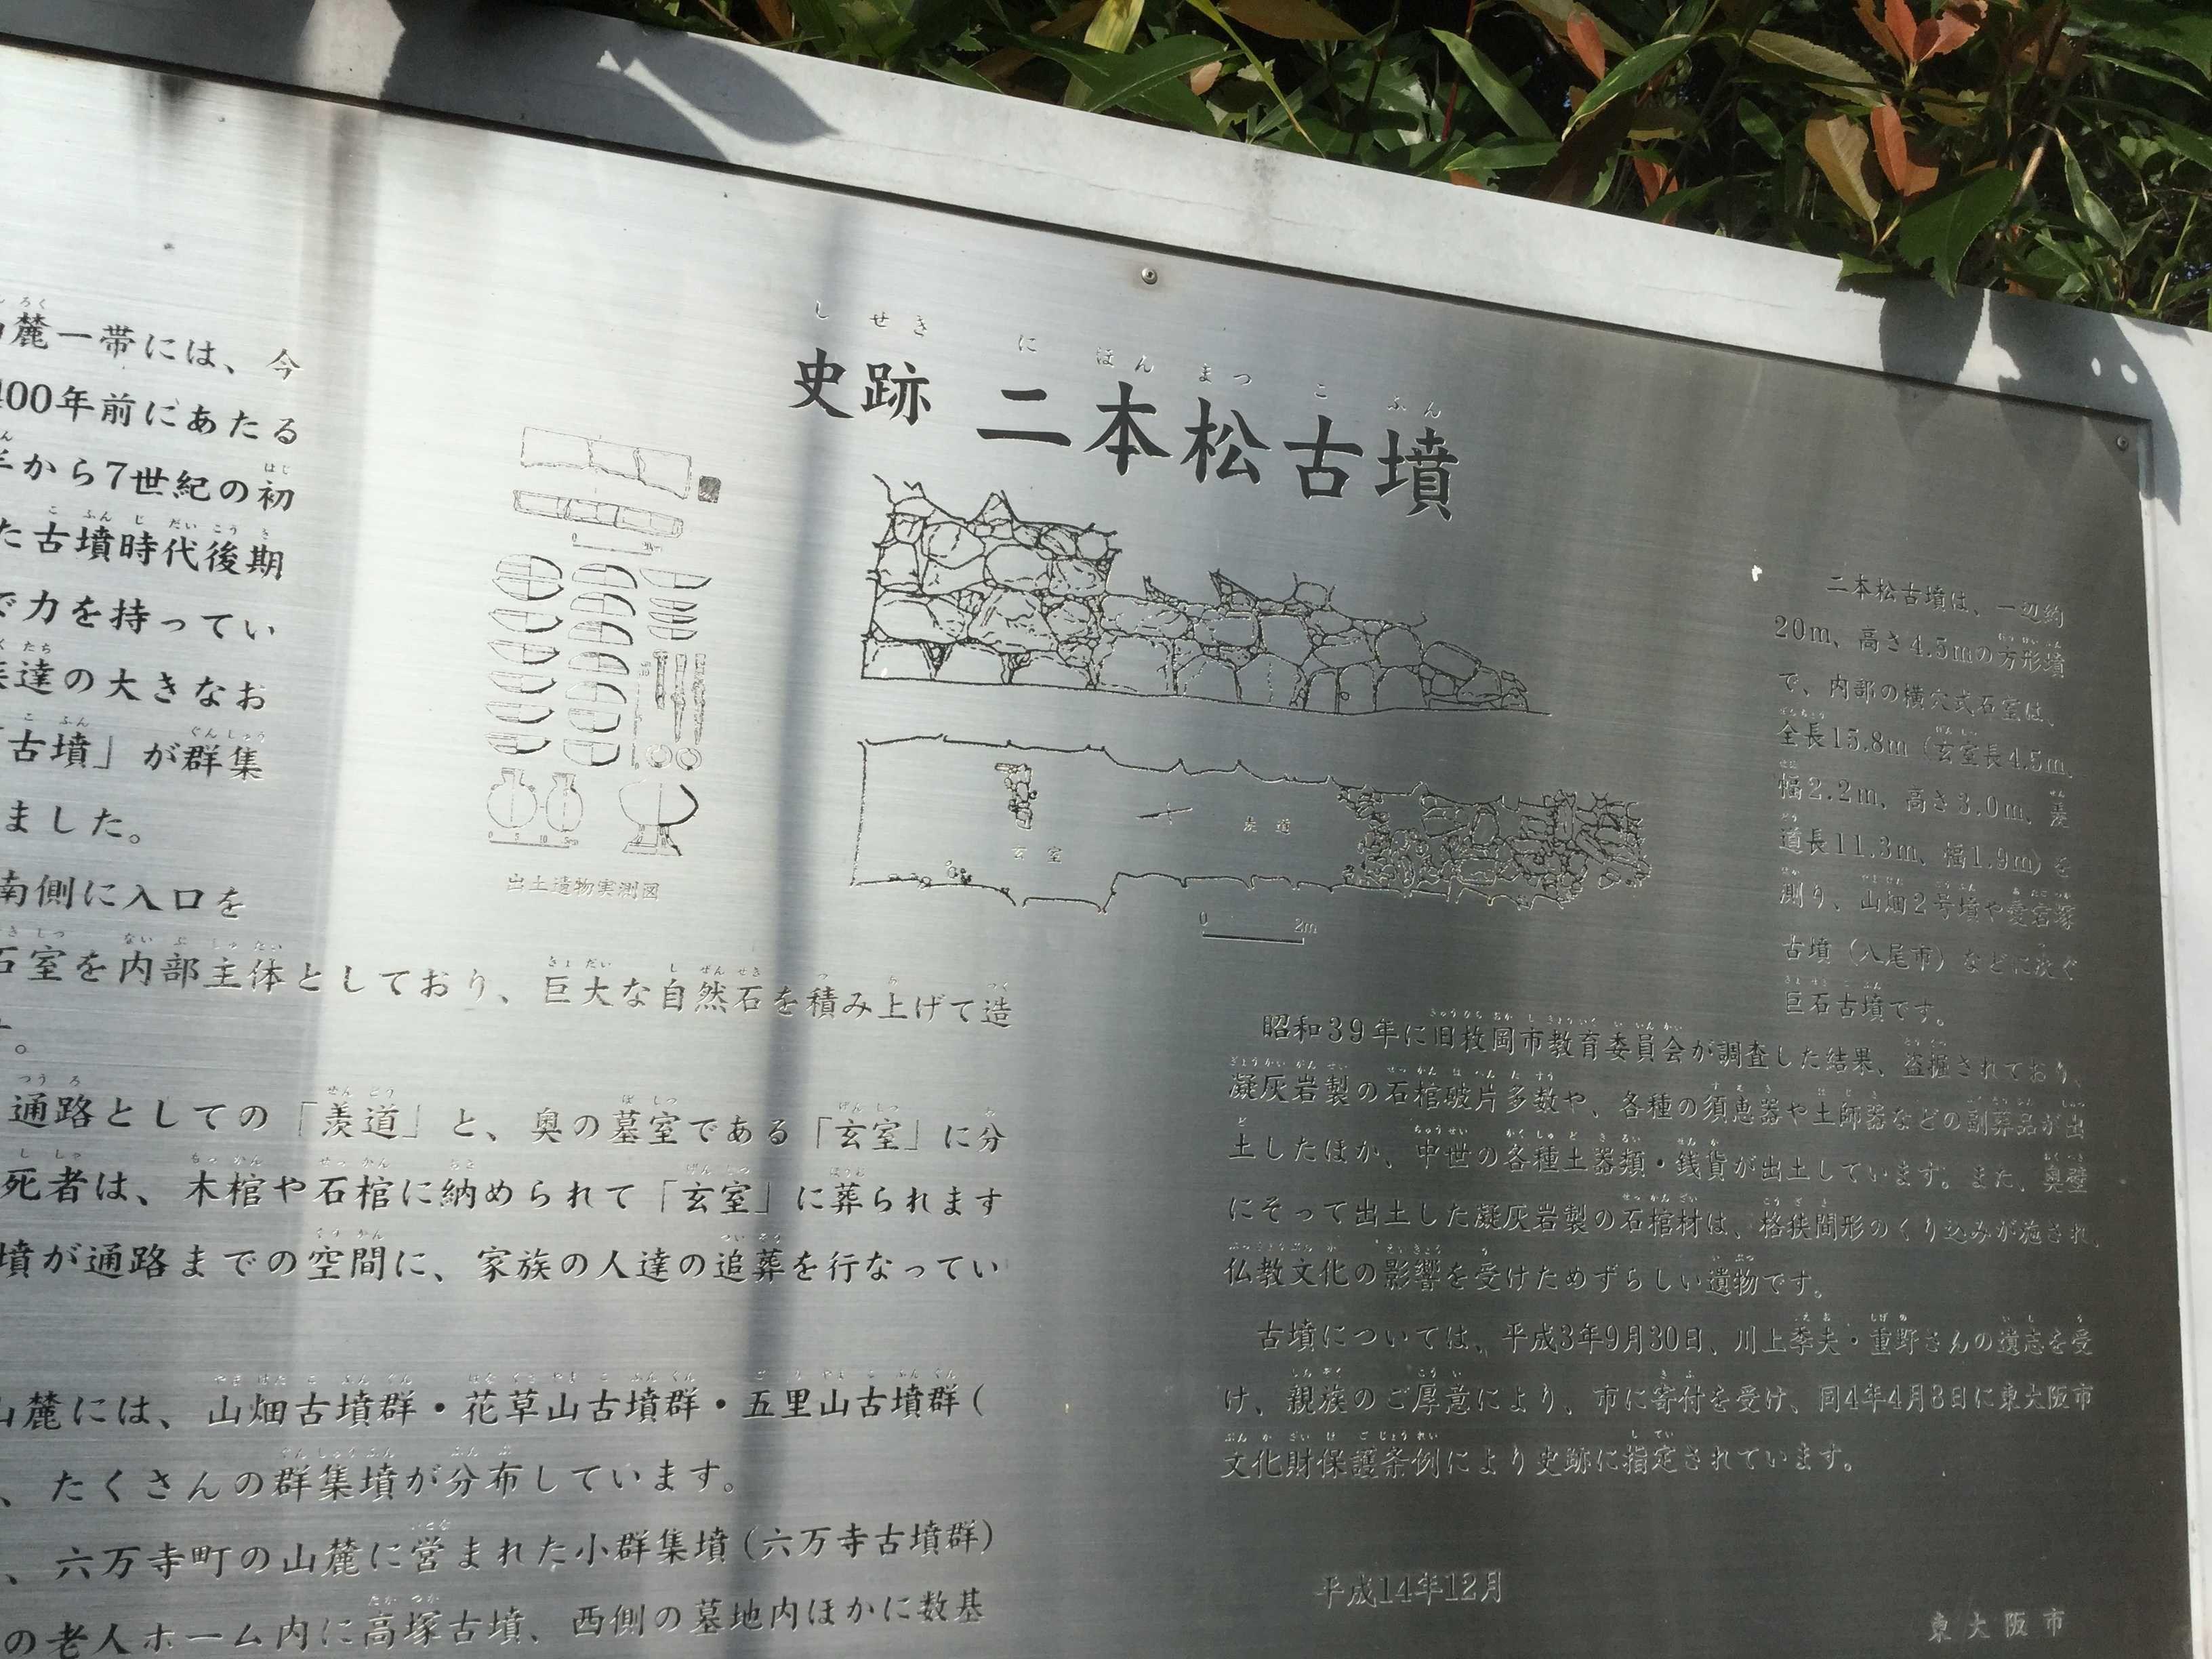 【史跡 二本松古墳】(にほんまつこふん)東大阪市 - kazu1000のブログ / 社寺仏閣巡り